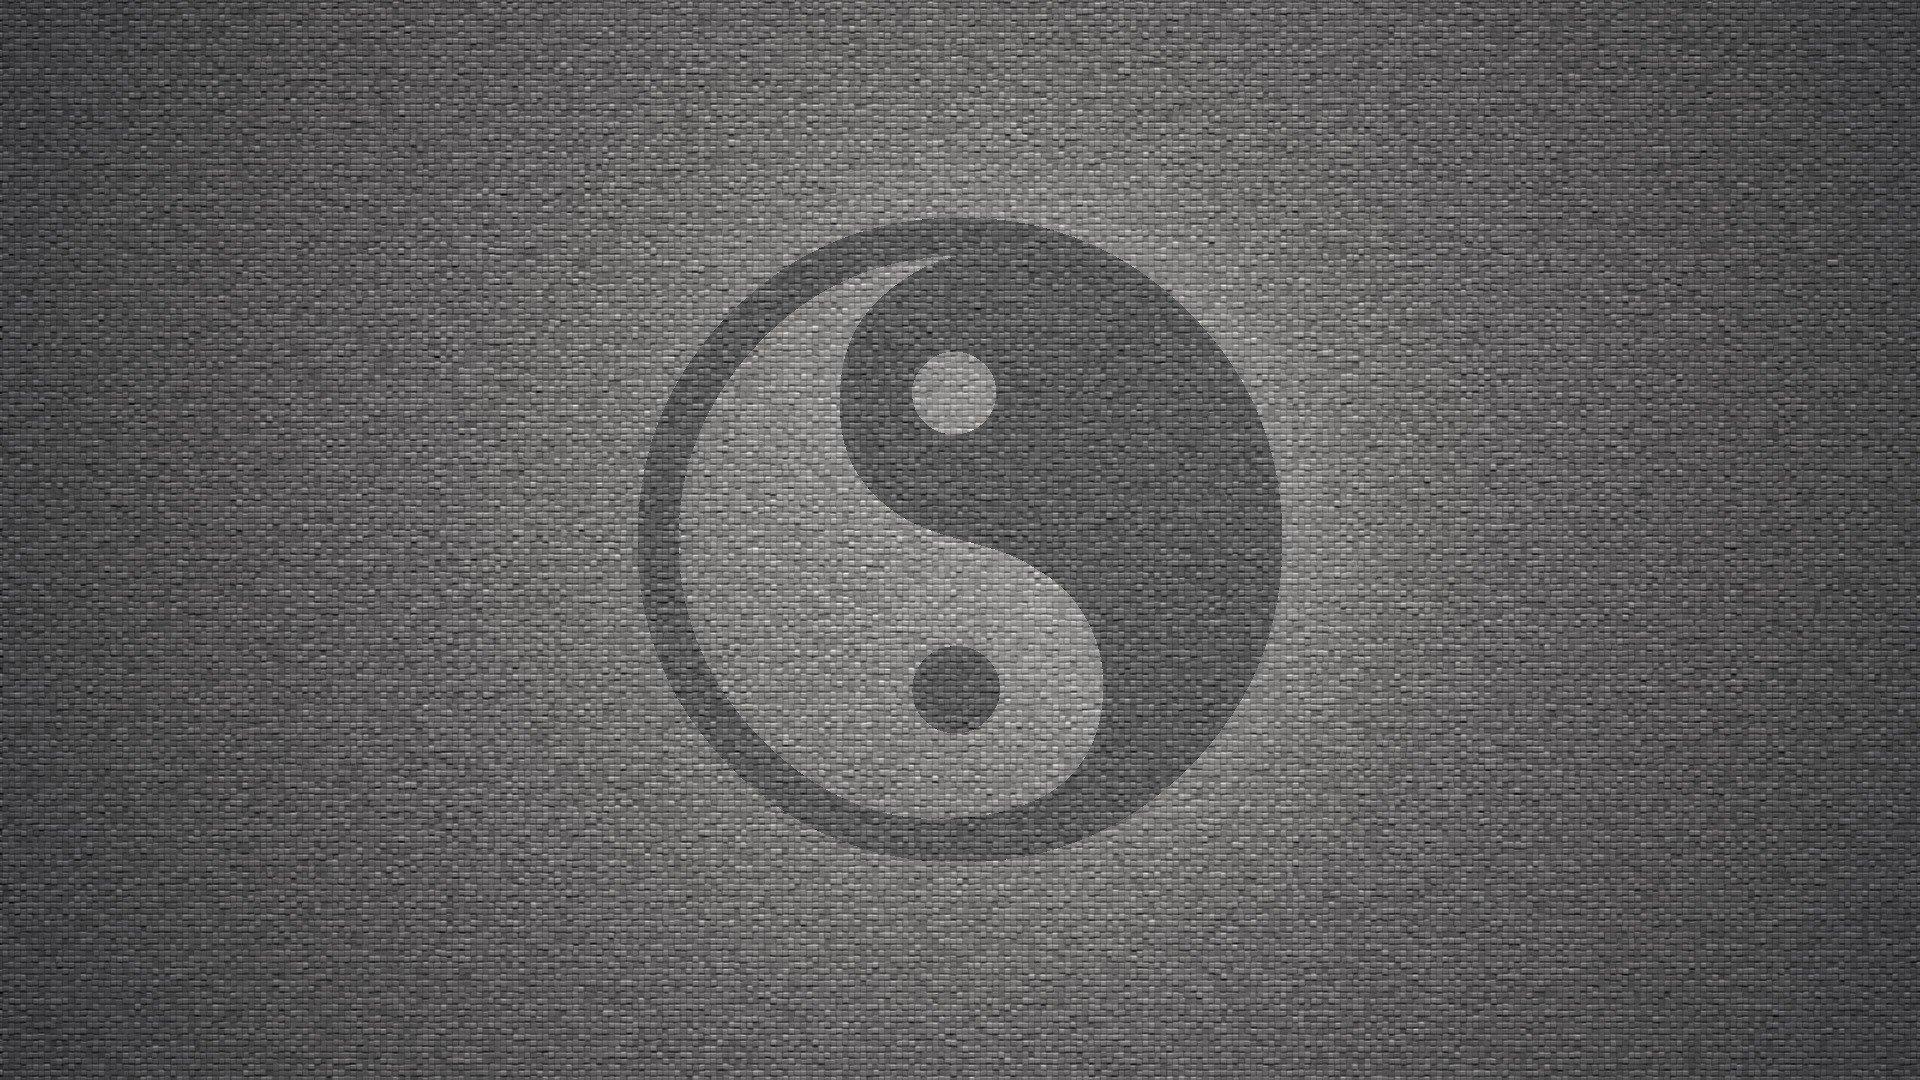 Background image grayscale - Wall Yin Yang Symbol Textures Grayscale Backgrounds Symbols Wallpaper